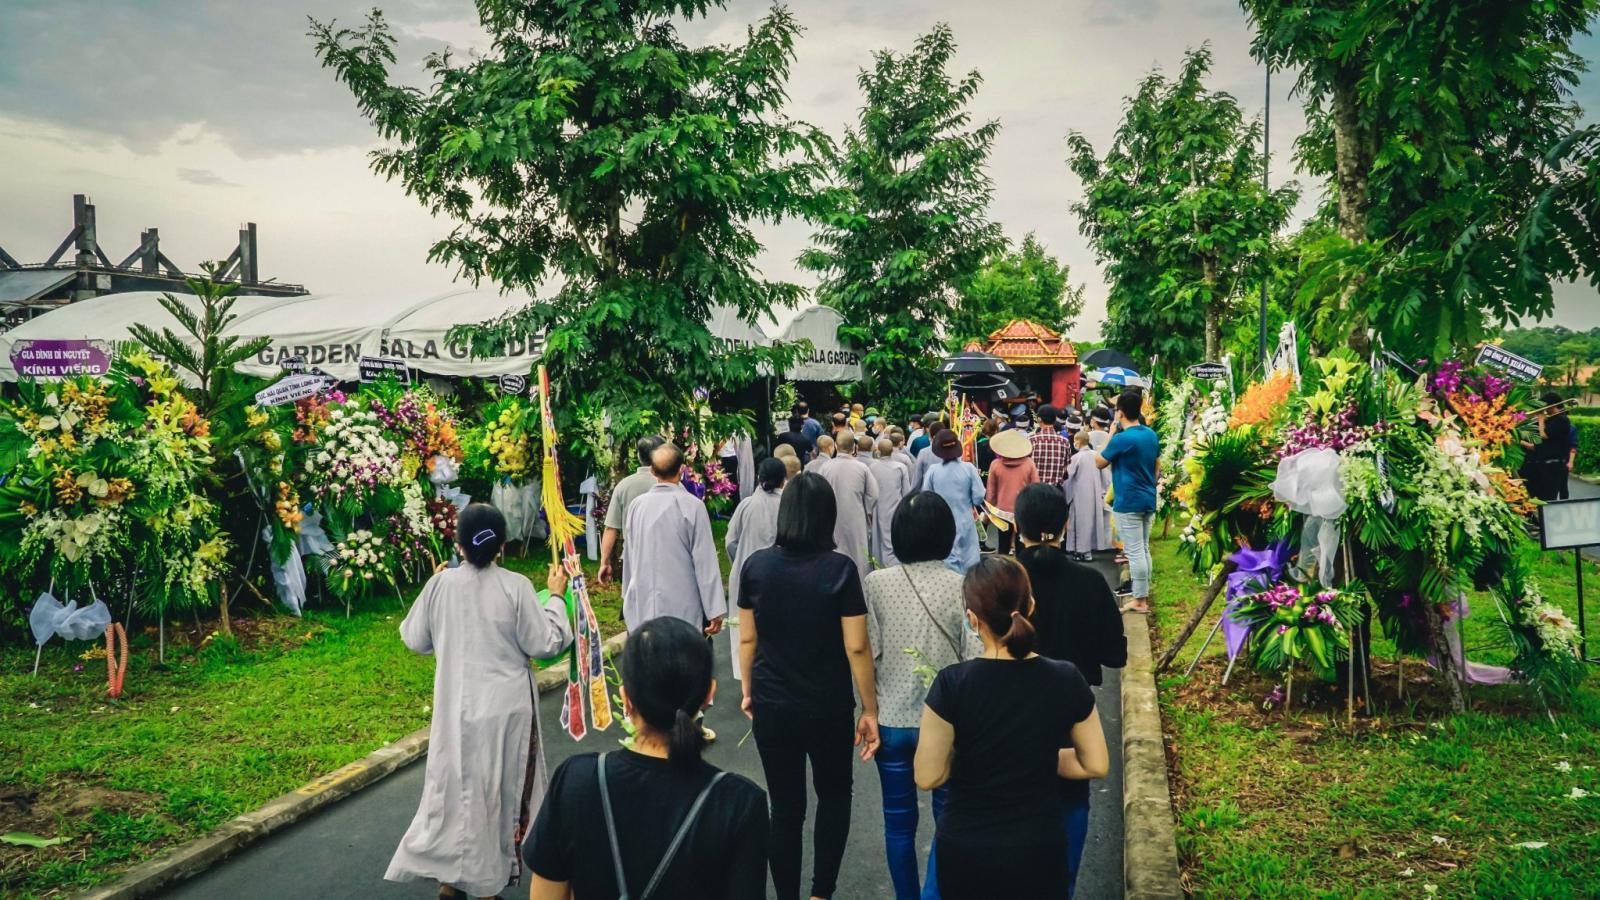 Đoàn người đến thăm viếng tại nghĩa trang Sala Garden